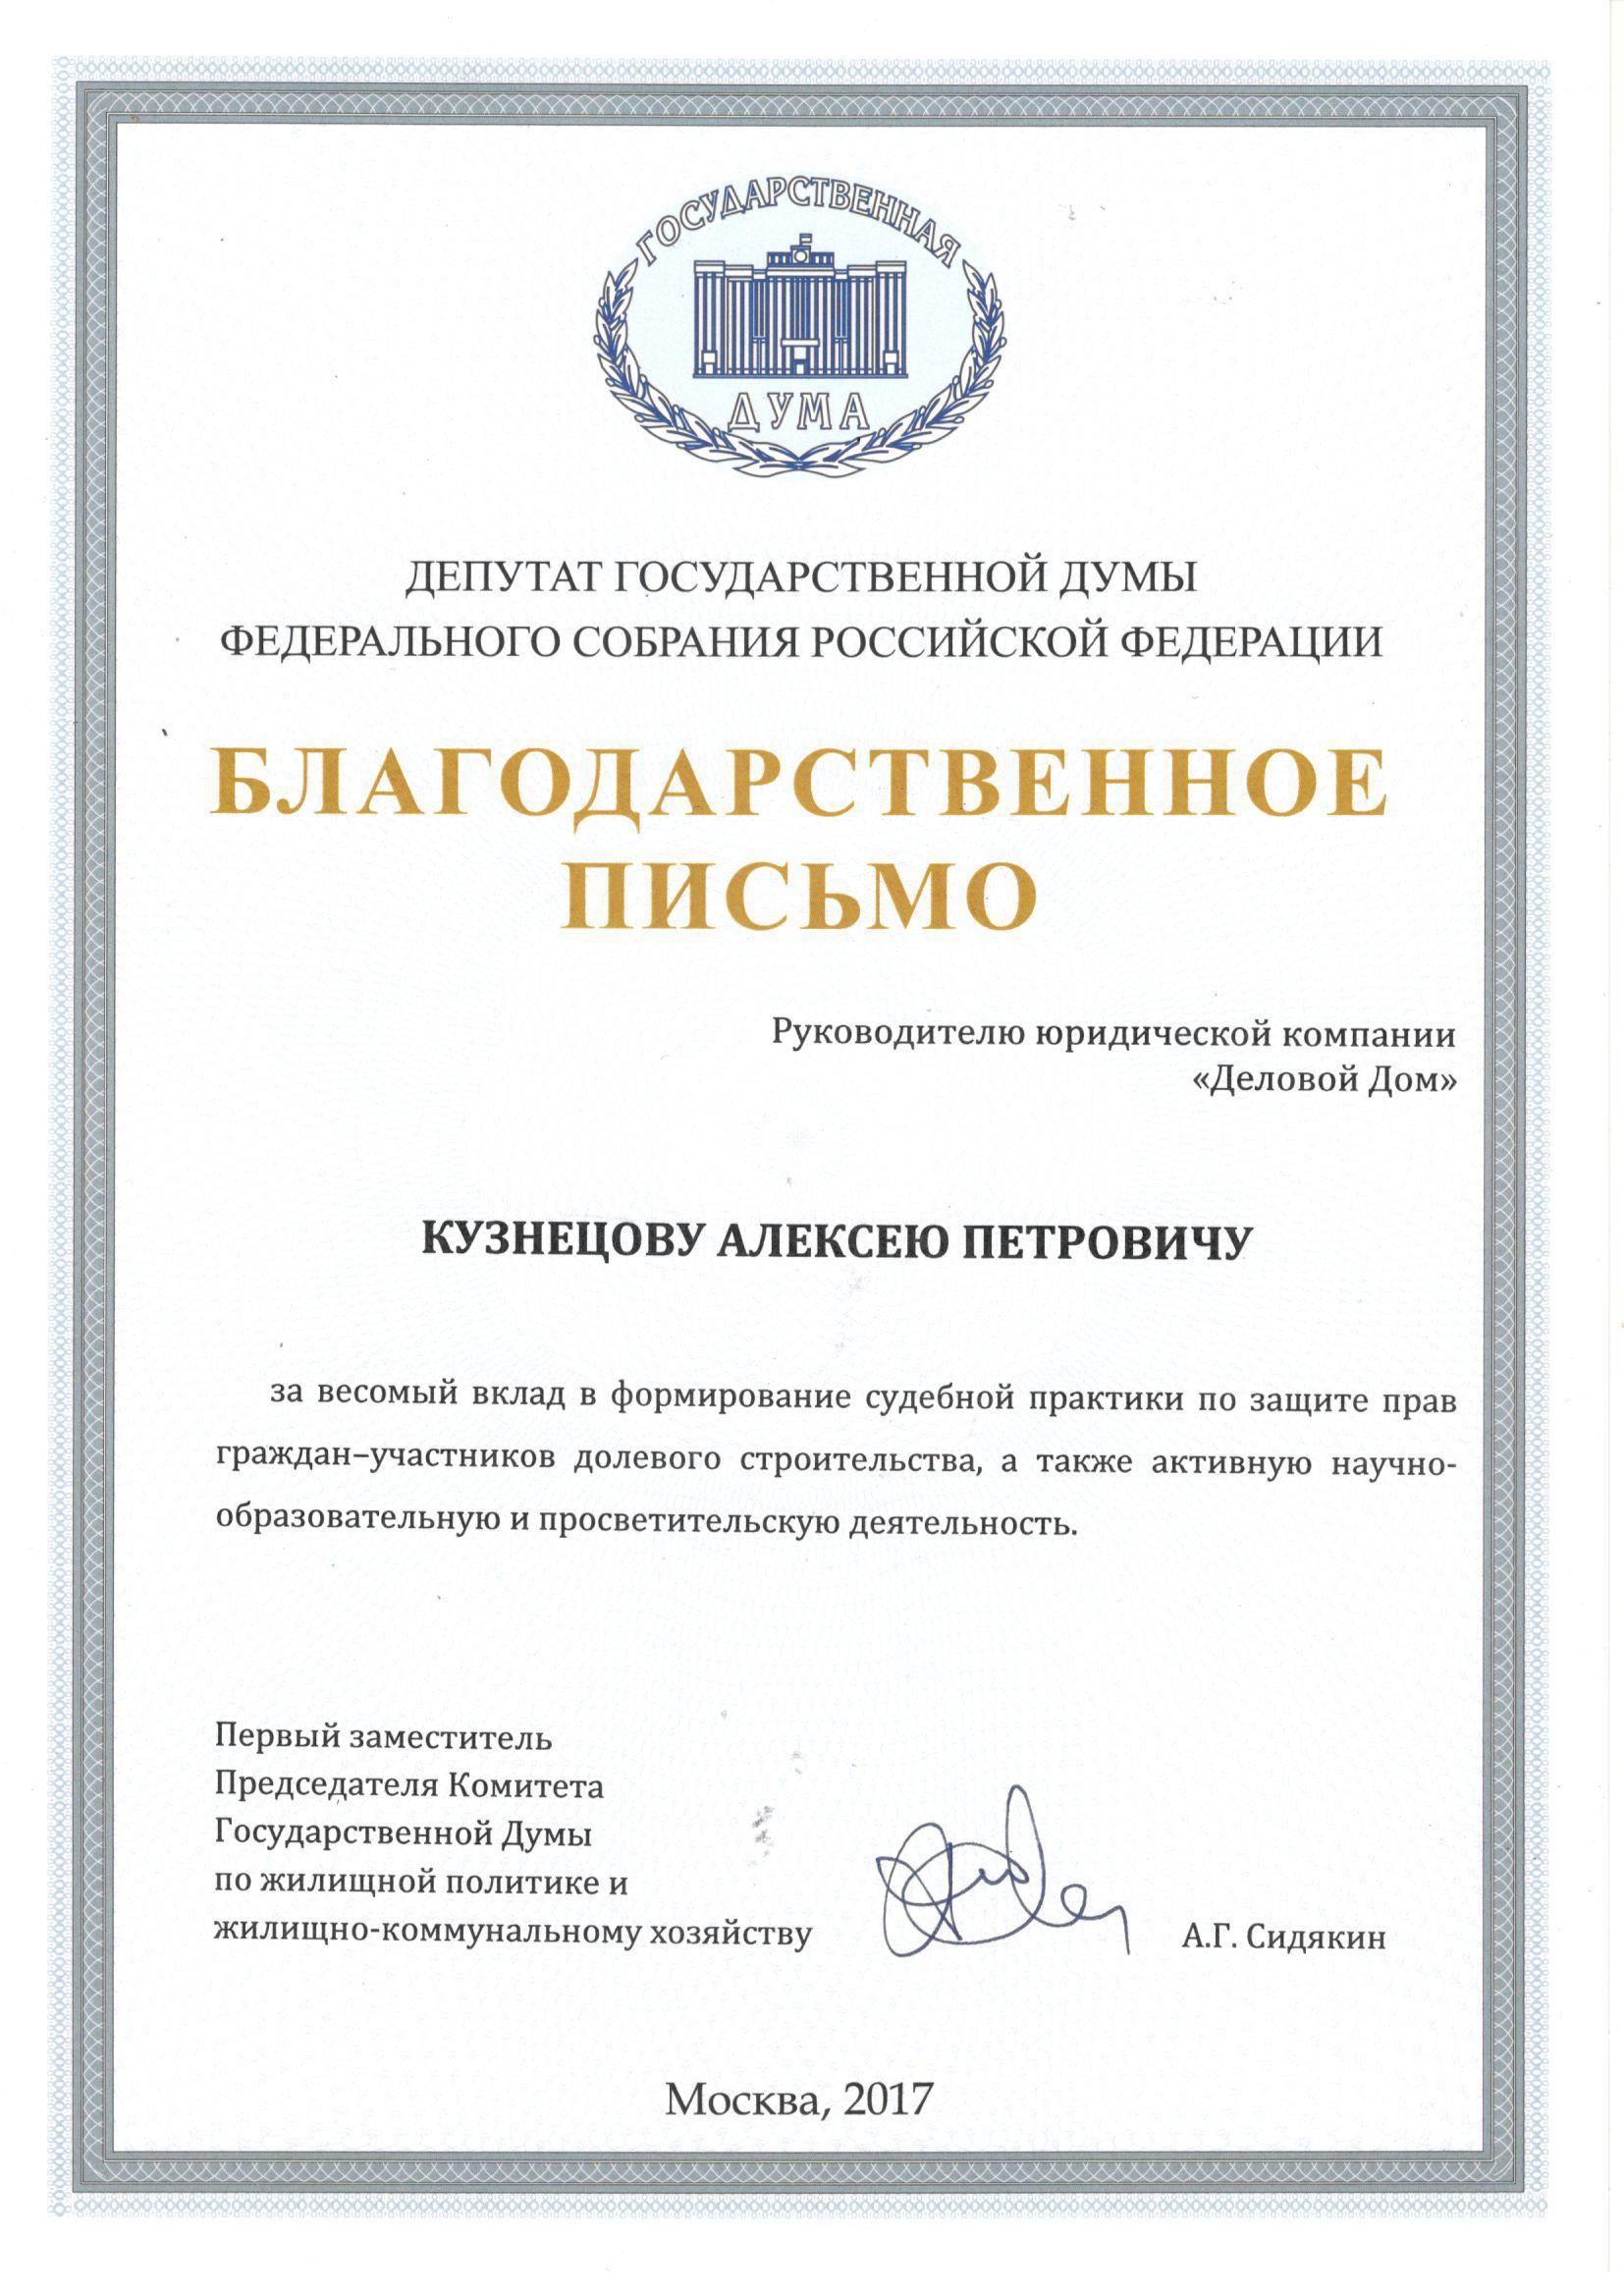 Комитет Государственной Думы по жилищной политике и жилищно-коммунальному хозяйству